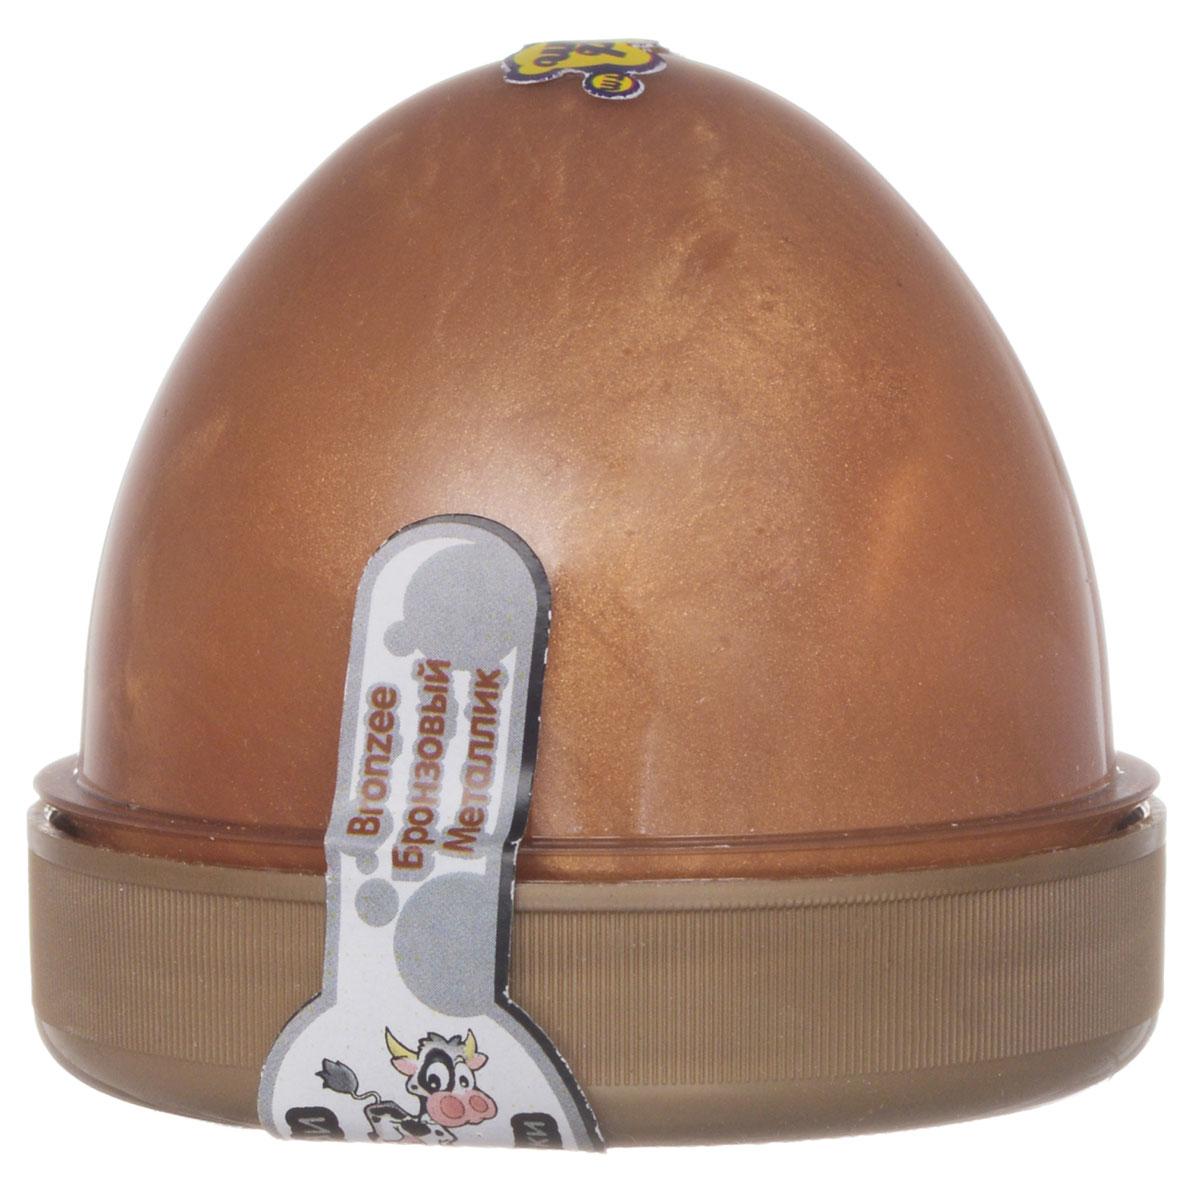 Жвачка для рук  ТМ HandGum , цвет: бронзовый, с запахом ирландских сливок, 70 г - Развлекательные игрушки